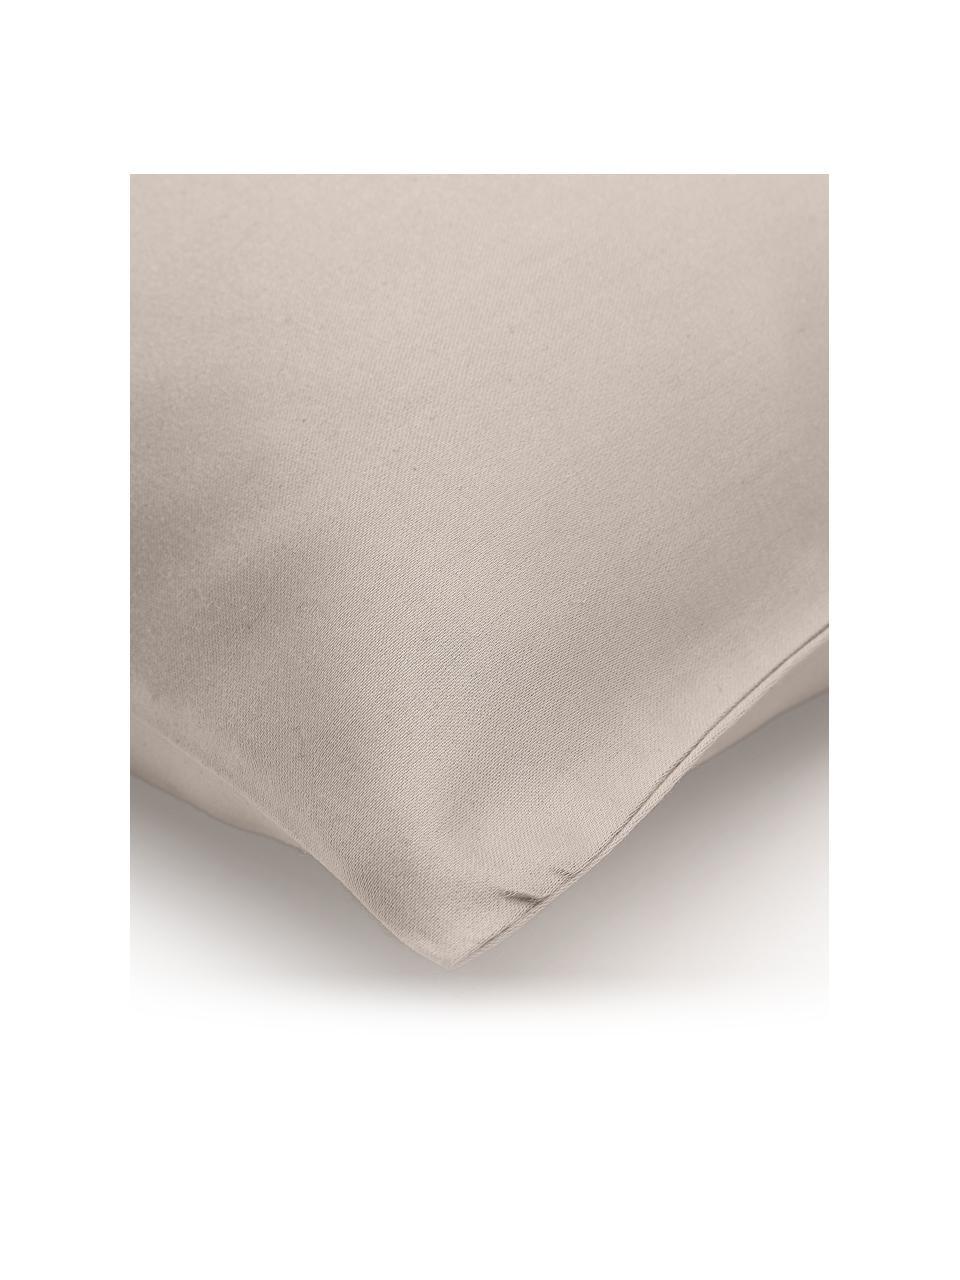 Bambus-Kissenbezüge Skye in Taupe, 2 Stück, 55% Bambus, 45% Baumwolle  Fadendichte 400 TC, Premium Qualität  Bambus ist hypoallergen und antibakteriell. Daher eignet das Material sich hervorragend für empfindliche Haut. Es ist amungsaktiv und absorbiert Feuchtigkeit, um so die Körpertemperatur im Schlaf zu regulieren., Beige, 40 x 80 cm